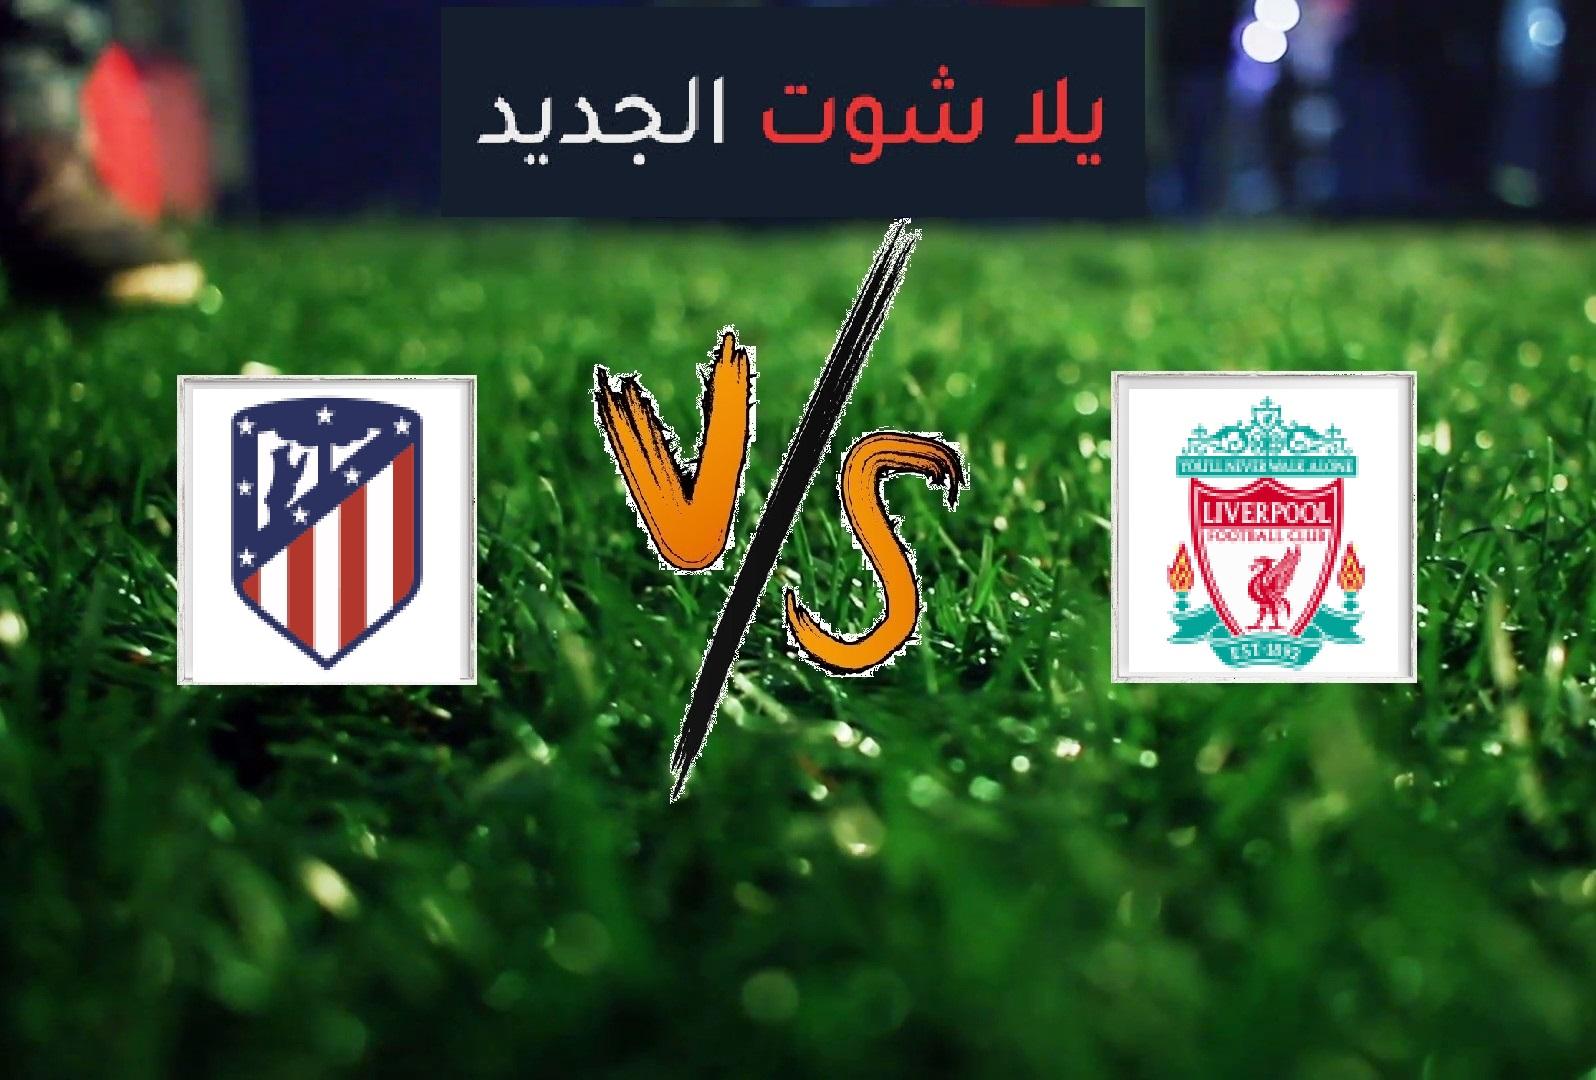 نتيجة مباراة ليفربول واتليتكو مدريد بتاريخ 11-03-2020 دوري أبطال أوروبا